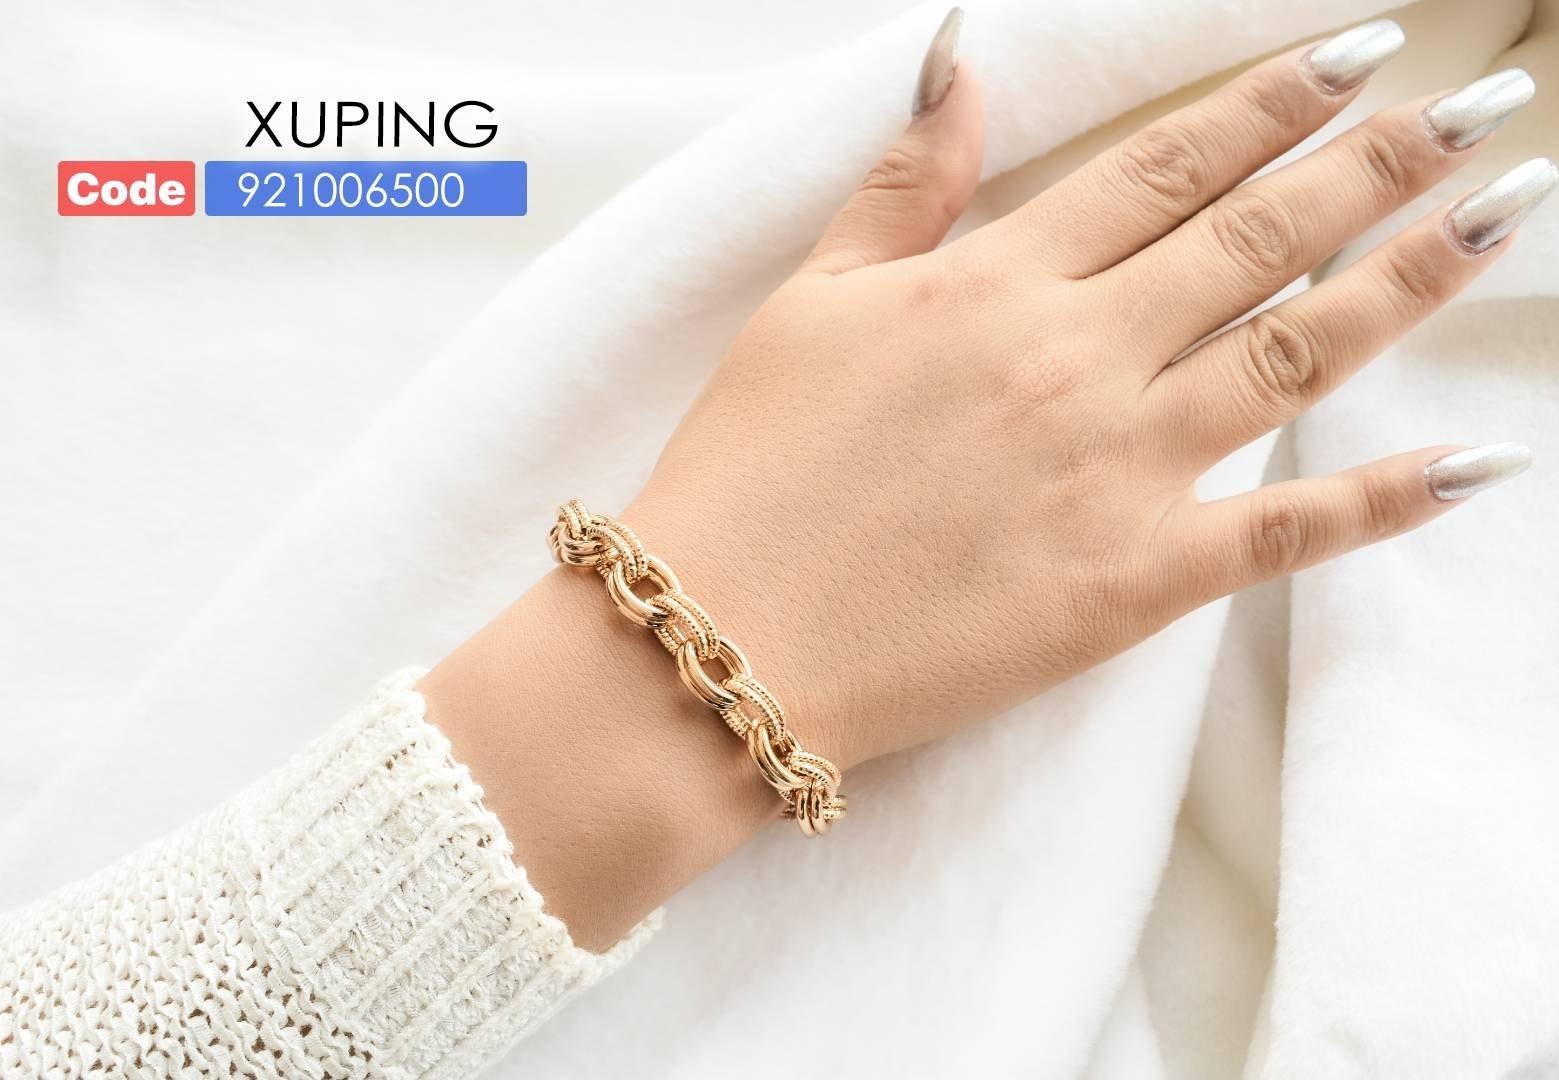 تصویر دستبند ژوپینگ طرح طلا